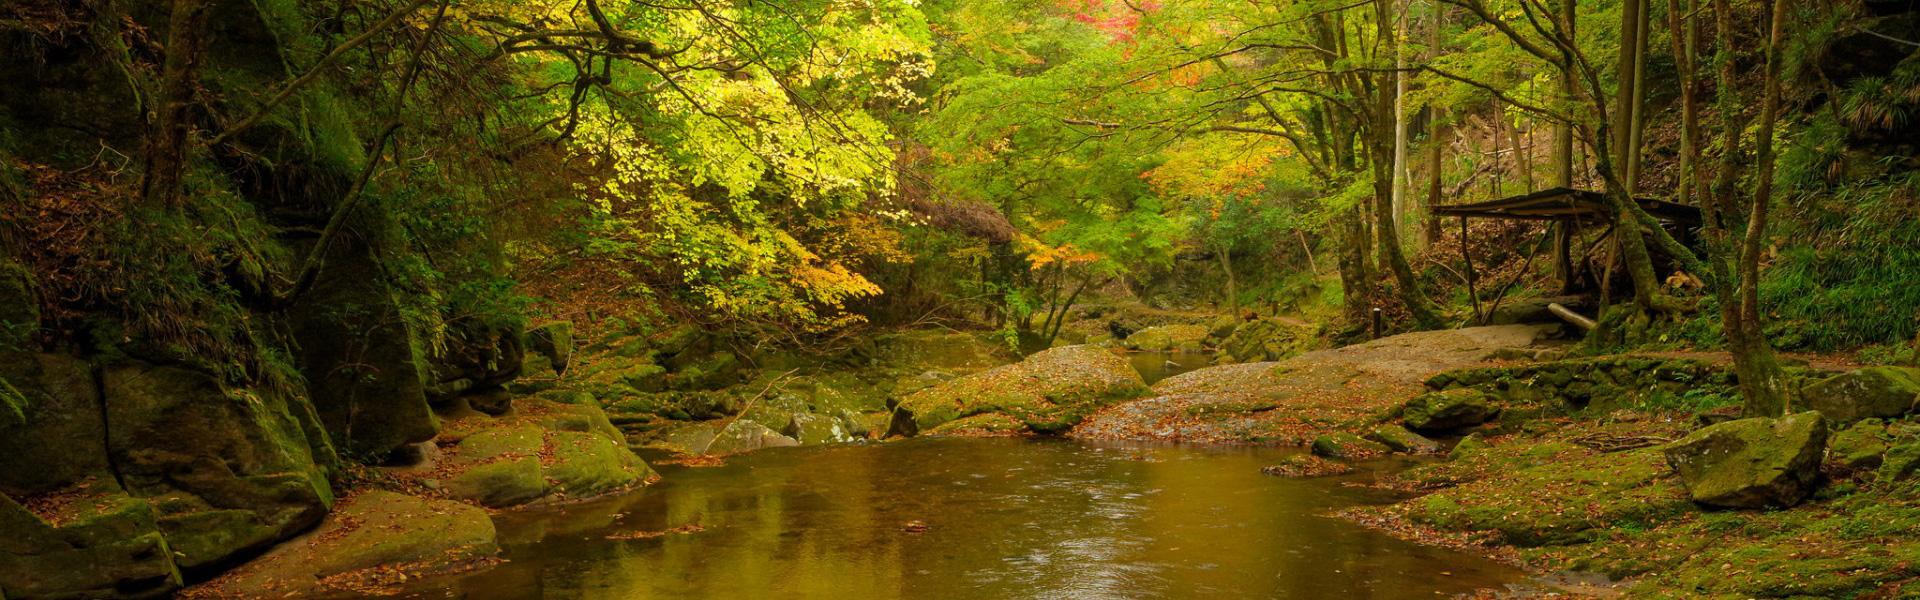 Urwald Pool Der Wasserfall Hintergrund Foto Und Bild Zum Kostenlosen Download